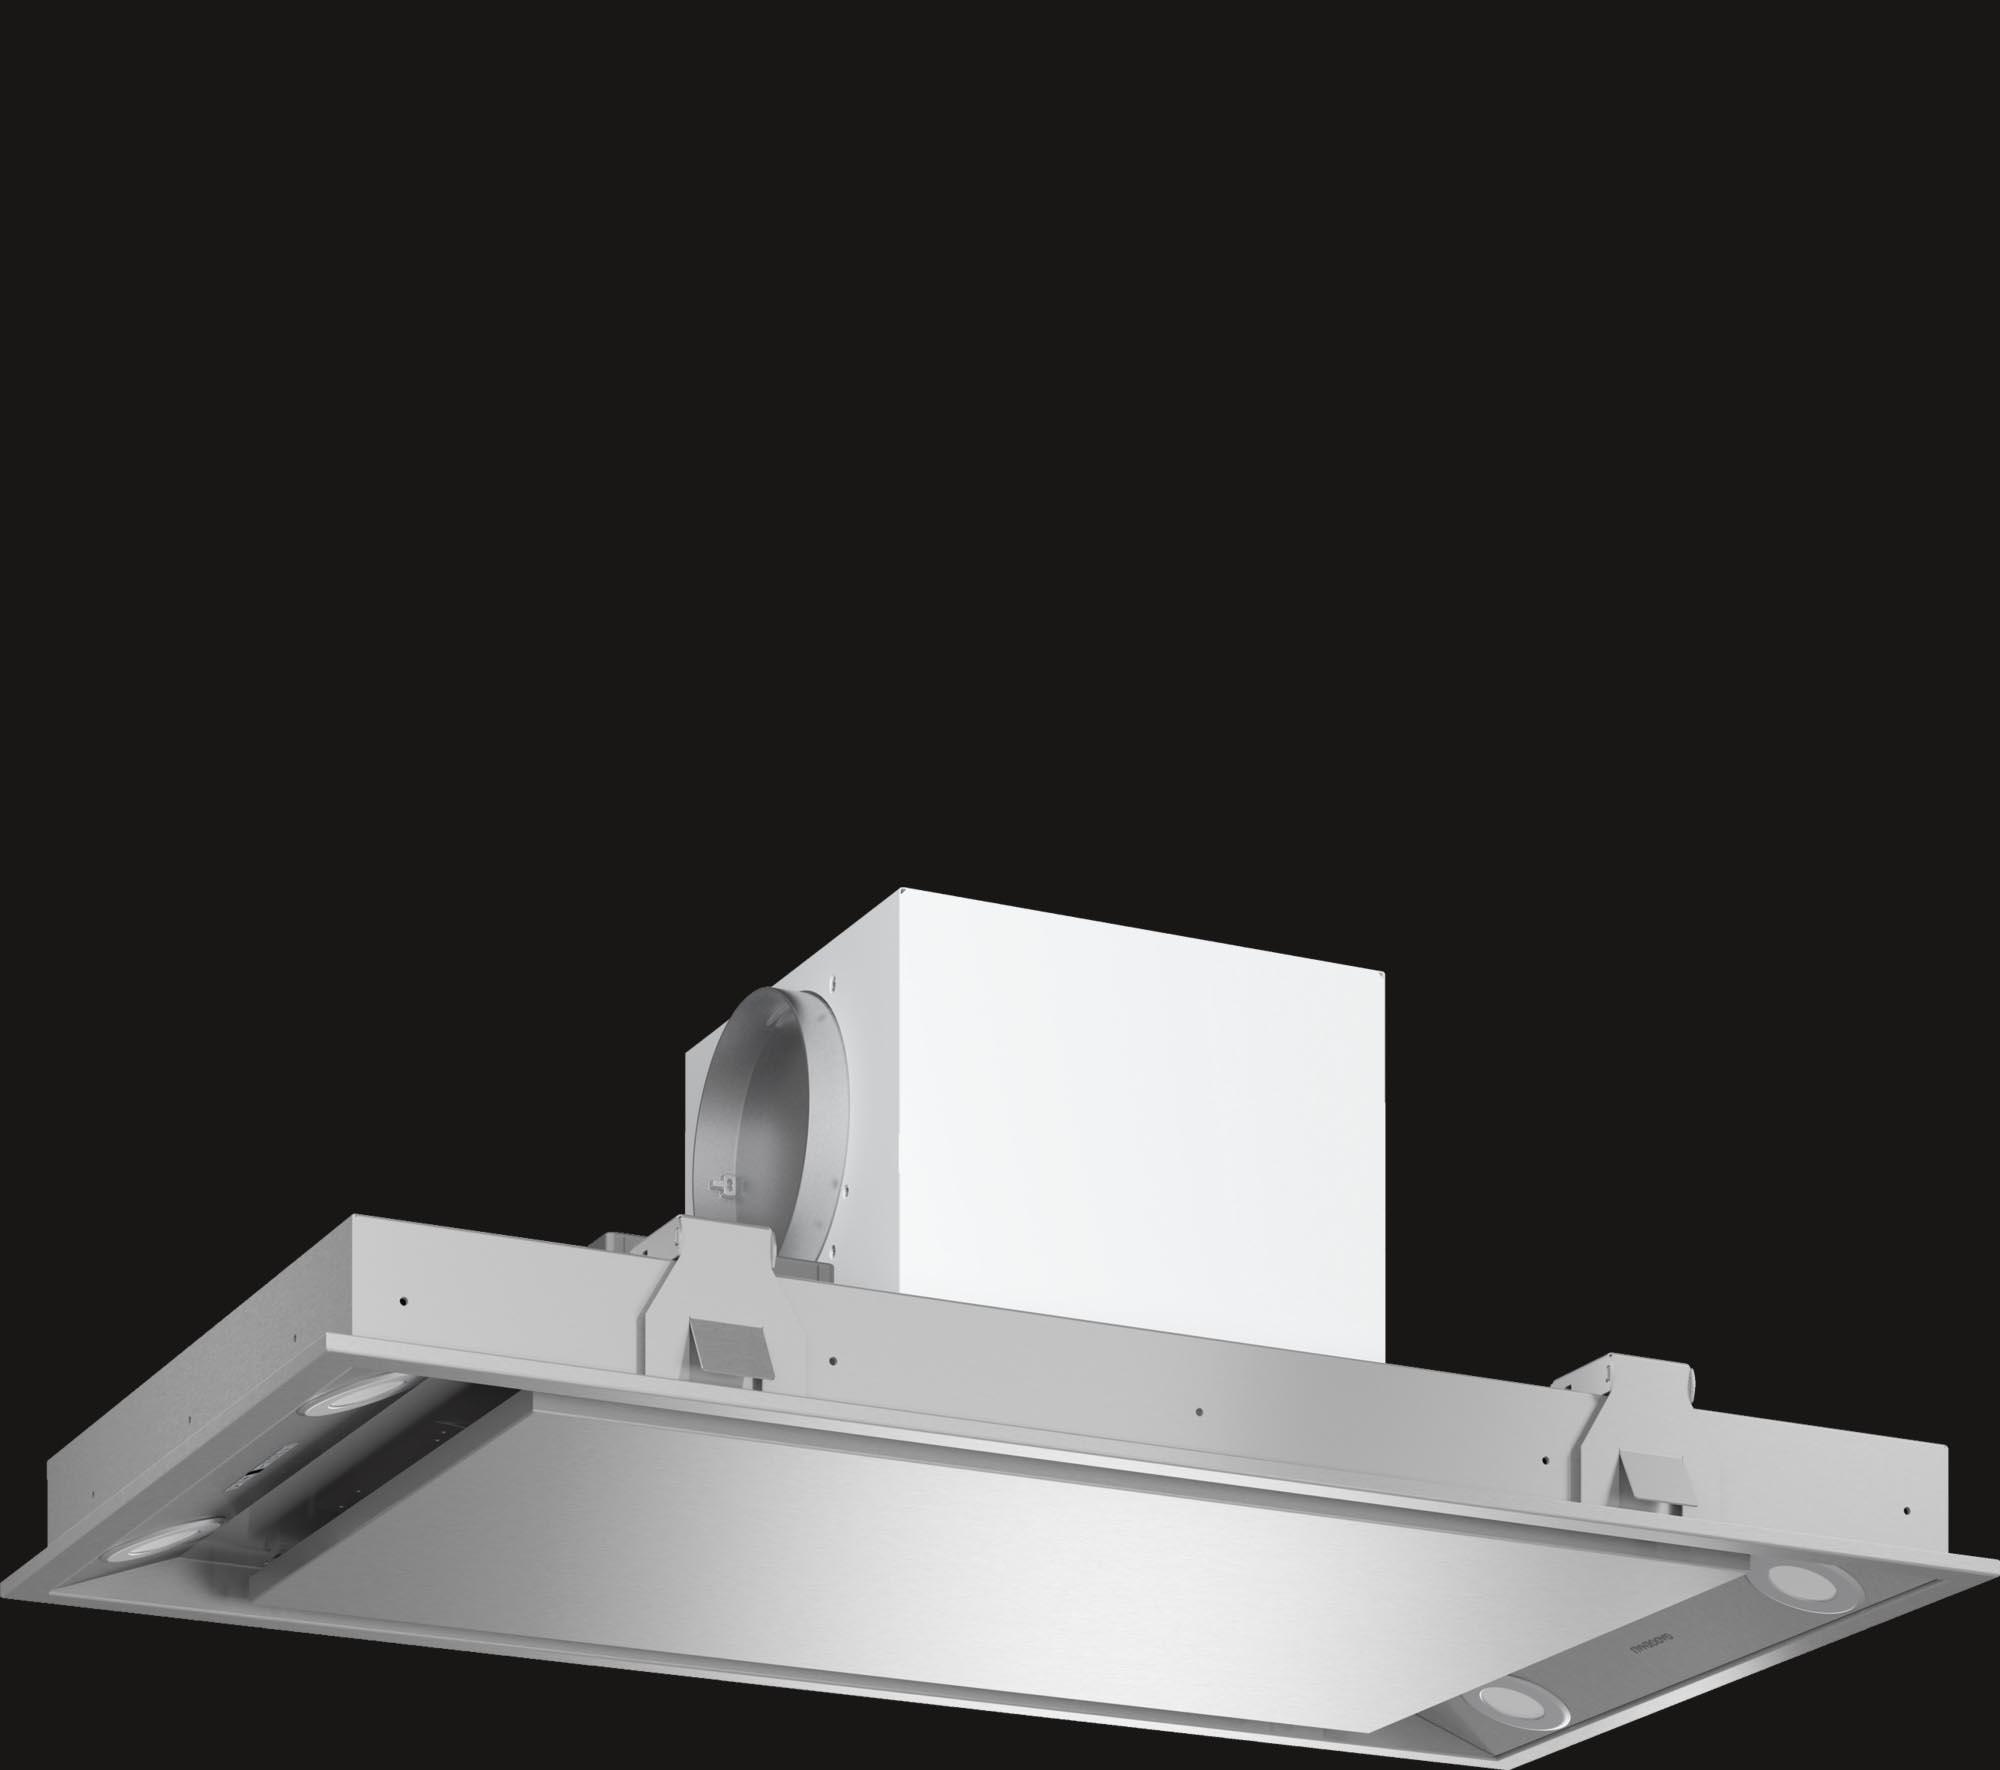 Вытяжка для потолочного монтажа AC250190 GAGGENAU